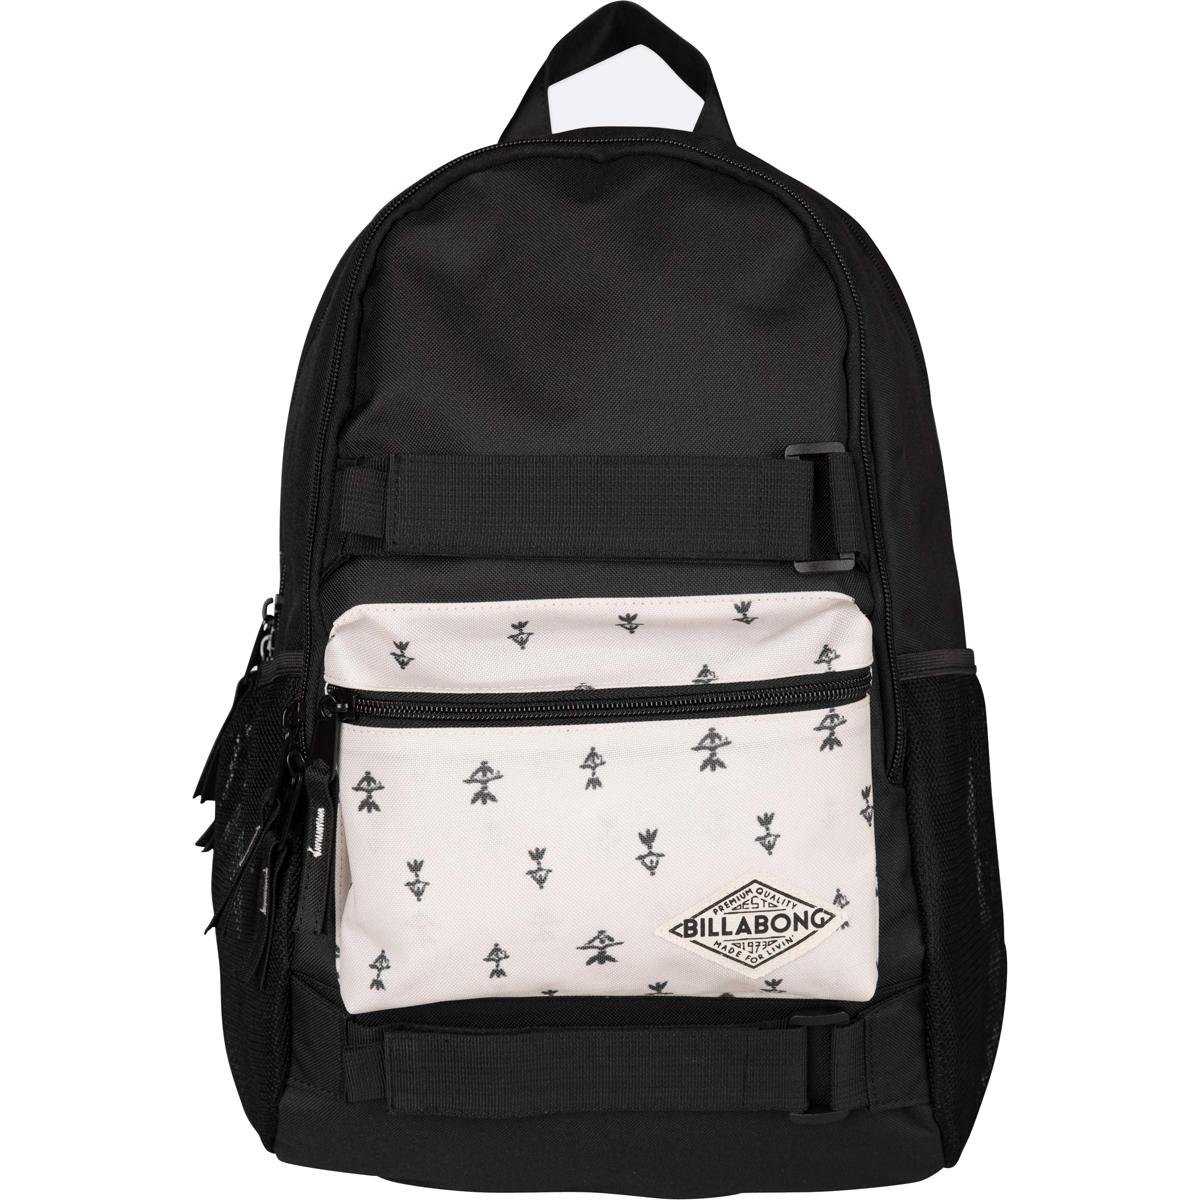 Рюкзак городской Billabong Crew, цвет: черный, 20 л. Z9BP02Z9BP02Функциональный городской рюкзак, выполненный из износостойких материалов, готовый служить Вам долгое время, сохраняя презентабельный внешний вид. Два вместительных отсека с карманом для ноутбука, а также внешний карман на молнии для мелочей. Крепления для скейта и боковые сетчатые карманы.